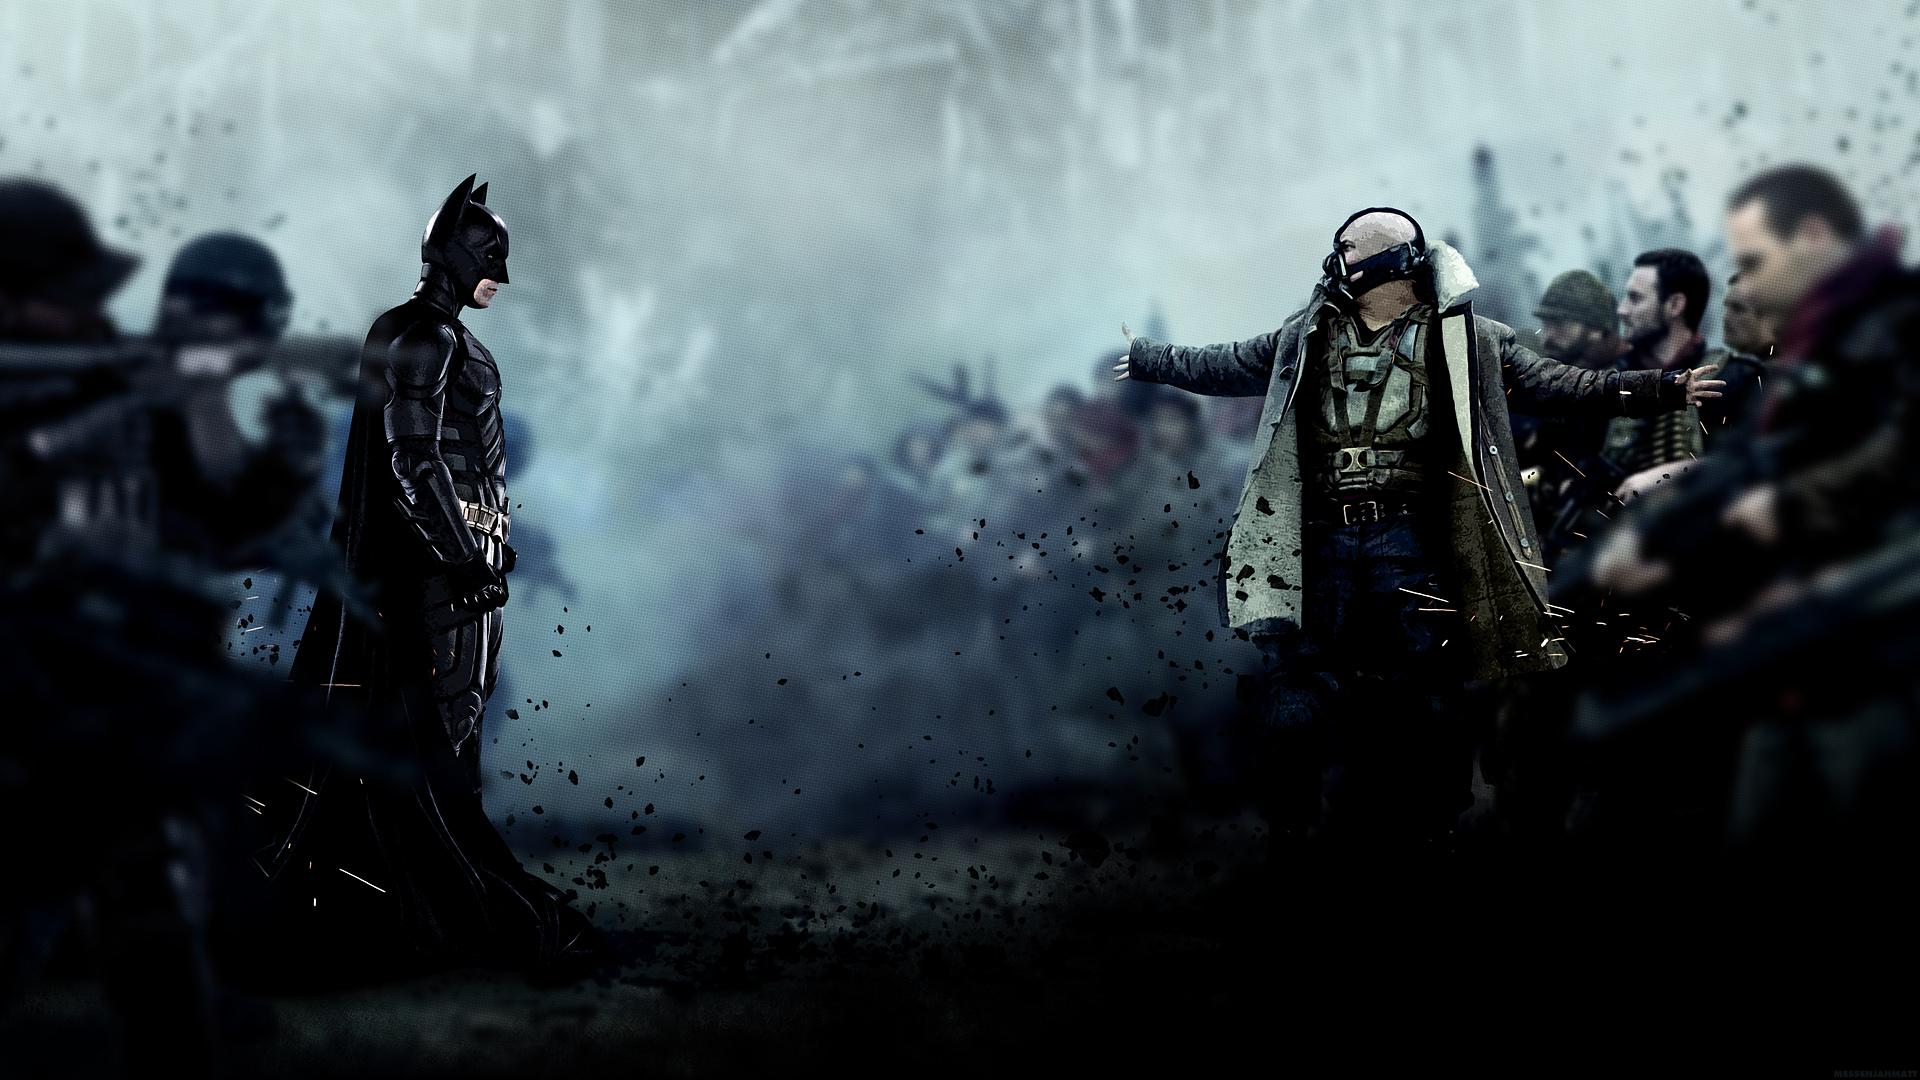 Batman The Dark Knight Rises HD Wallpapers 1920x1080 Wallpaper Hd 3D